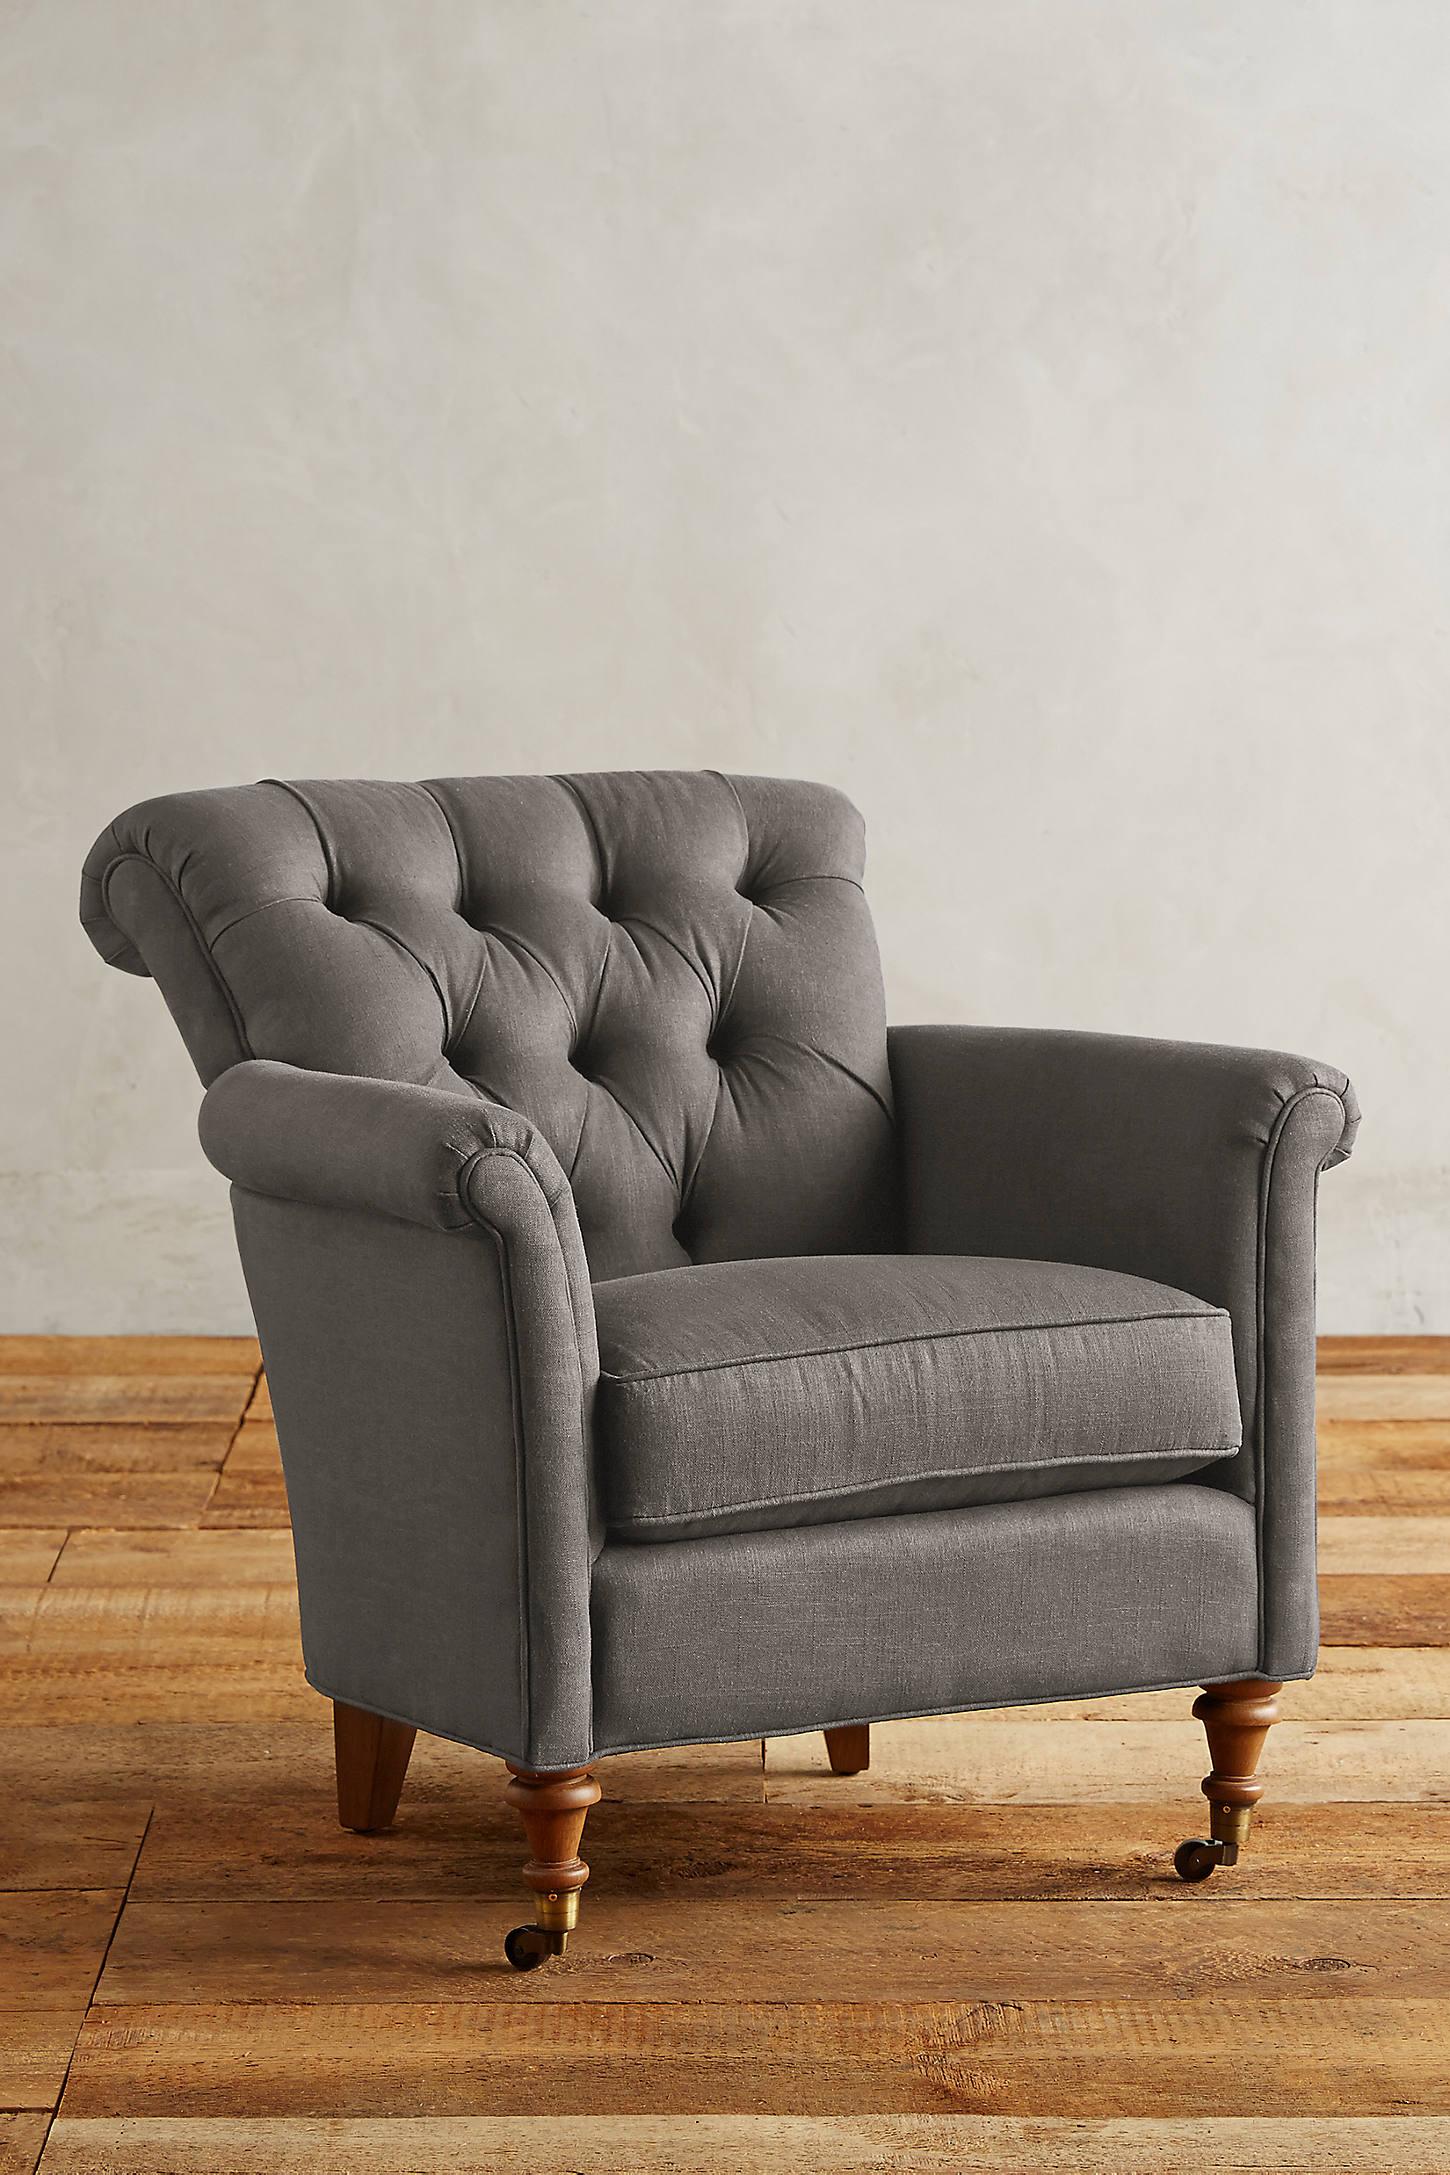 Linen Gwinnette Chair